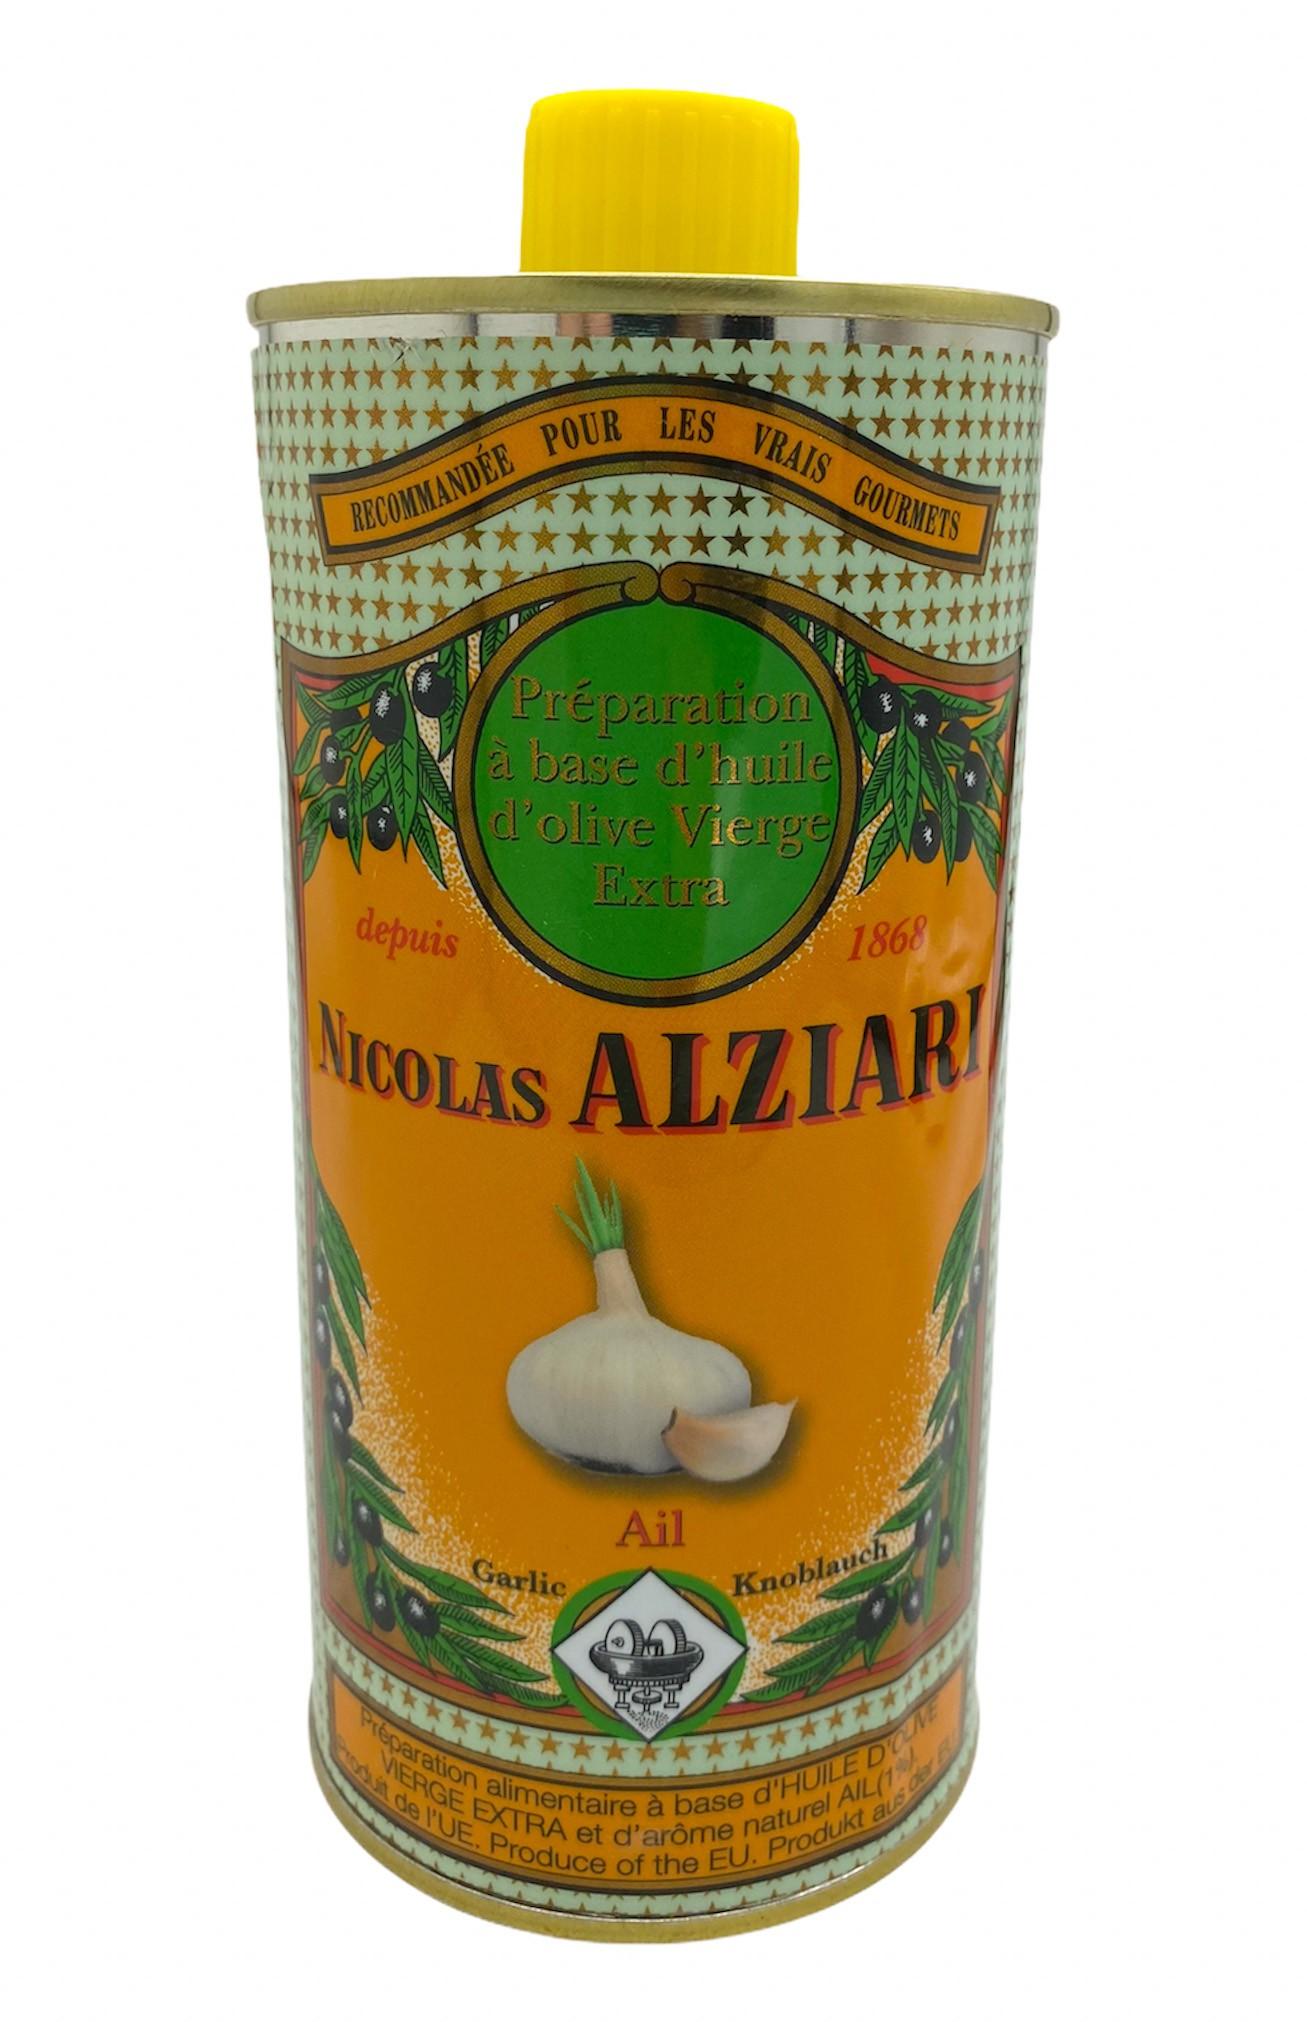 Mit natürlichem Knoblauchextrakt aromatisiertes Olivenöl für Feinschmecker (0,5l)